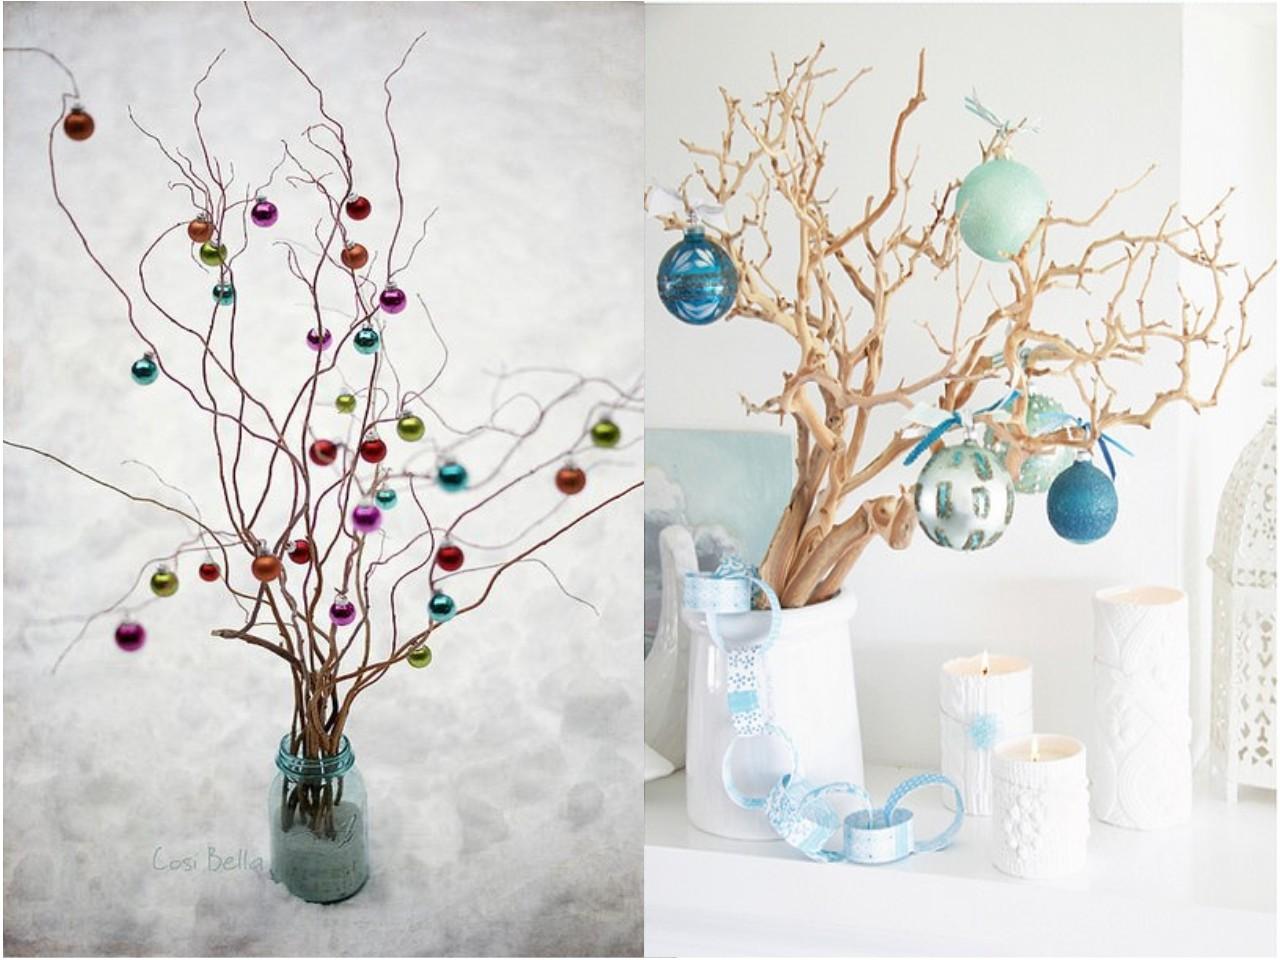 La decoraci n navide a para ba os tambi n existe - Ramas decoradas ...